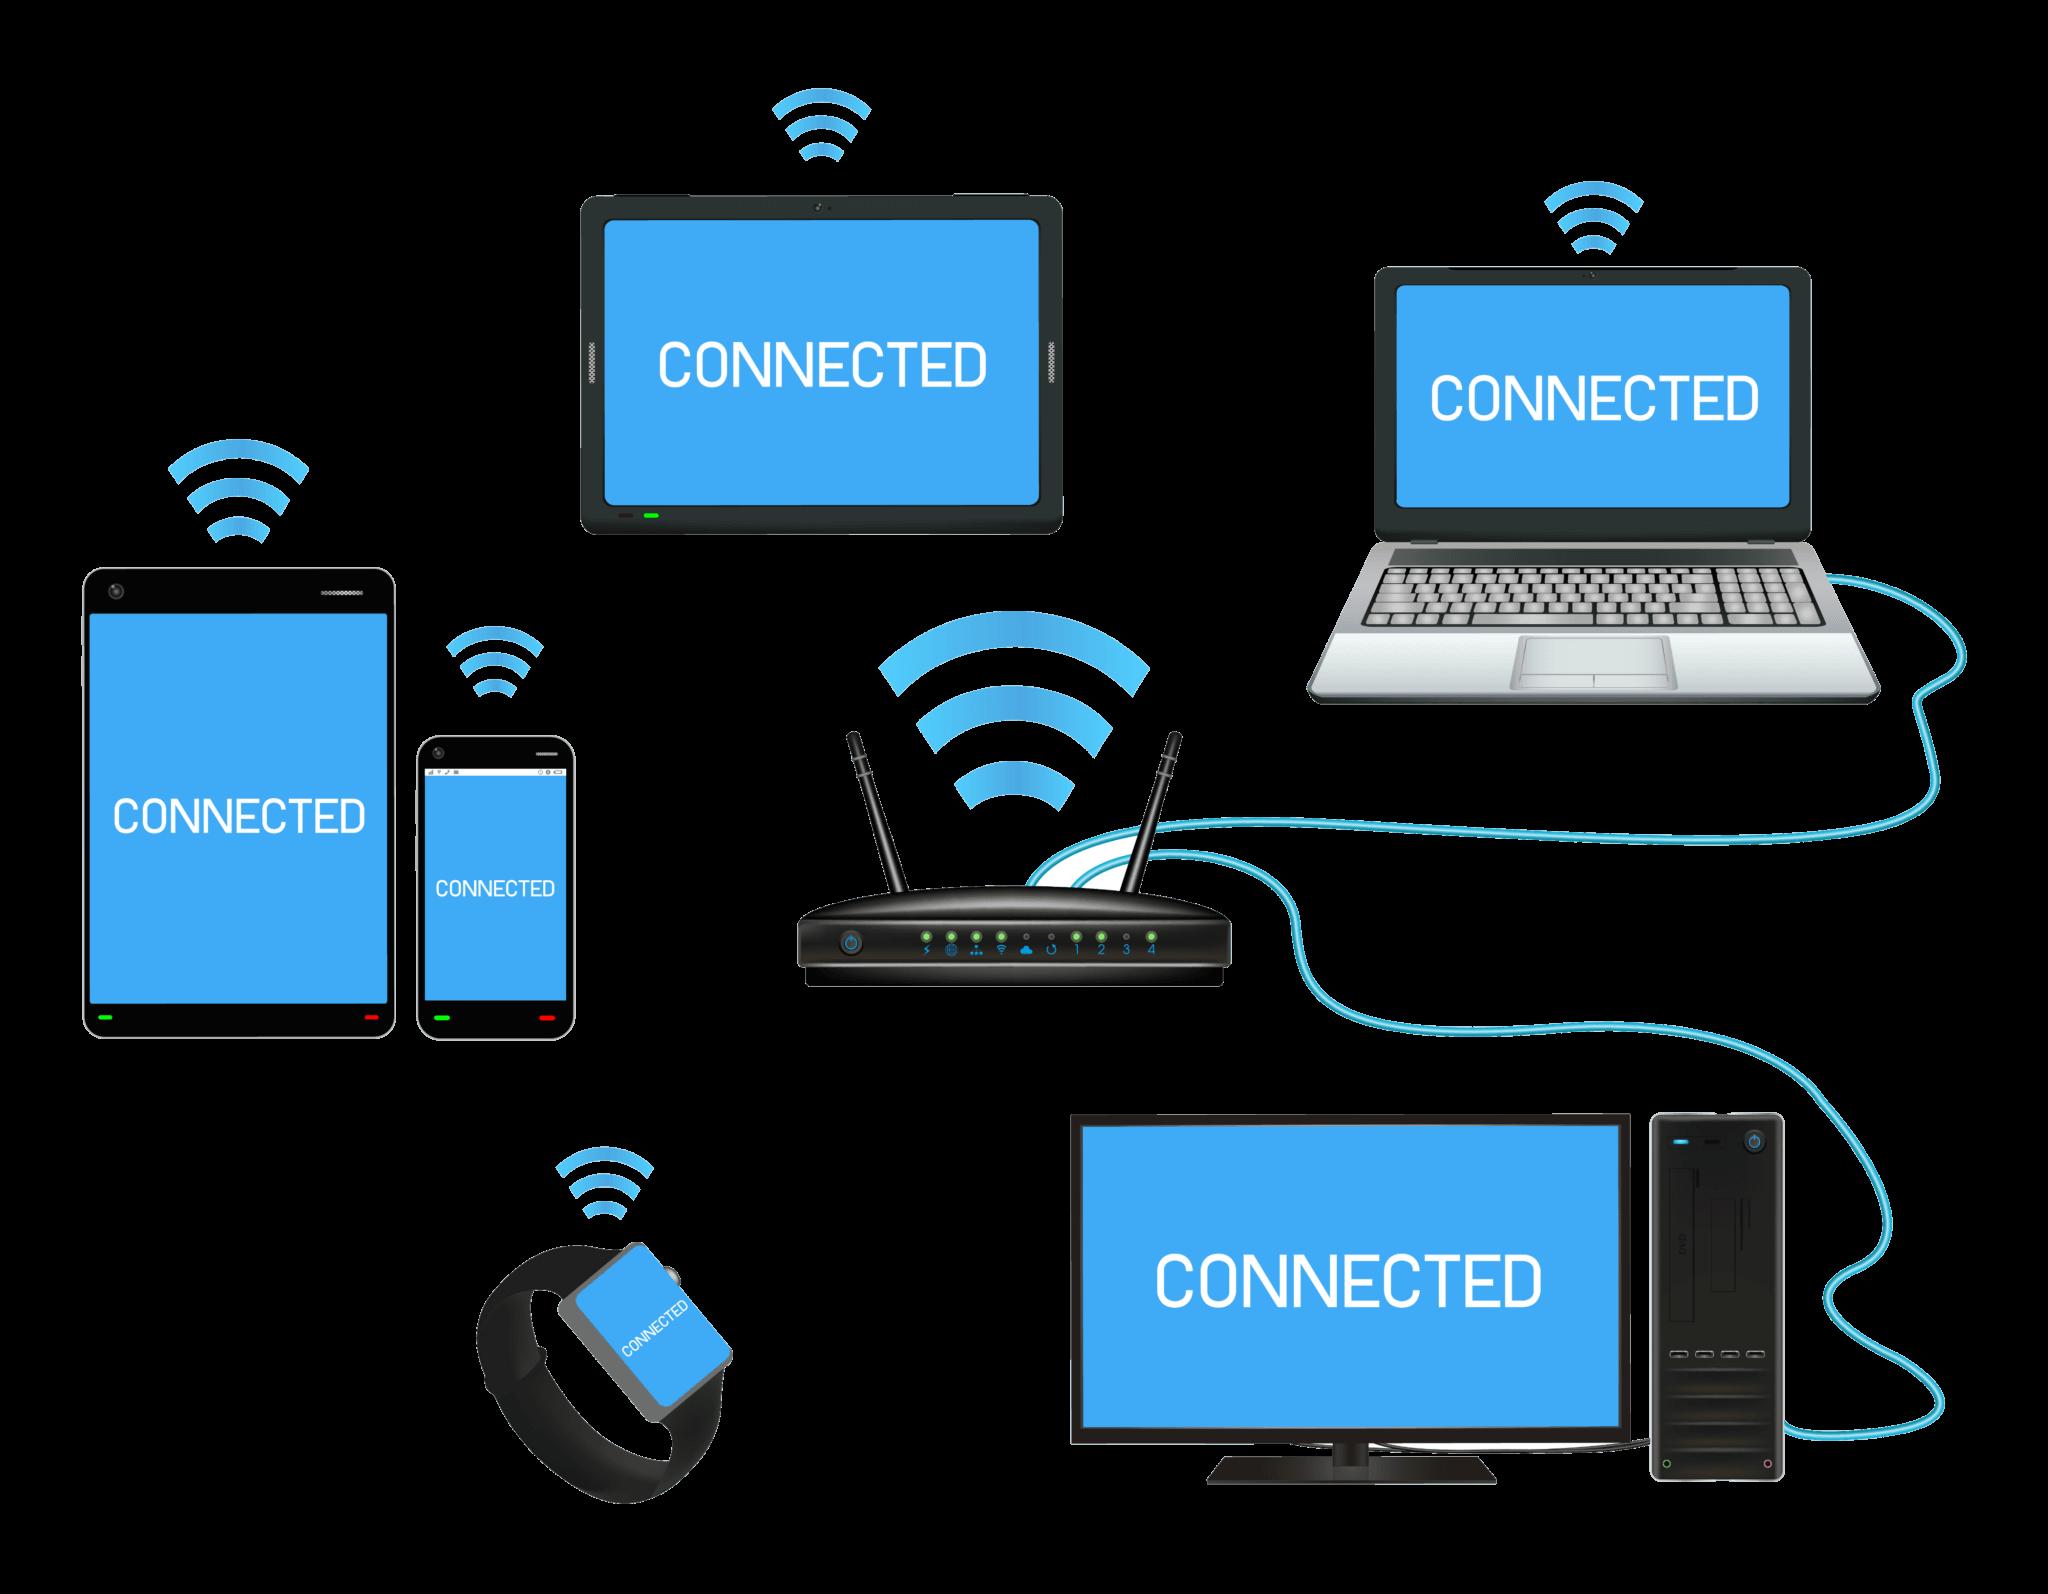 Hacking Wi-Fi password on PC or laptop